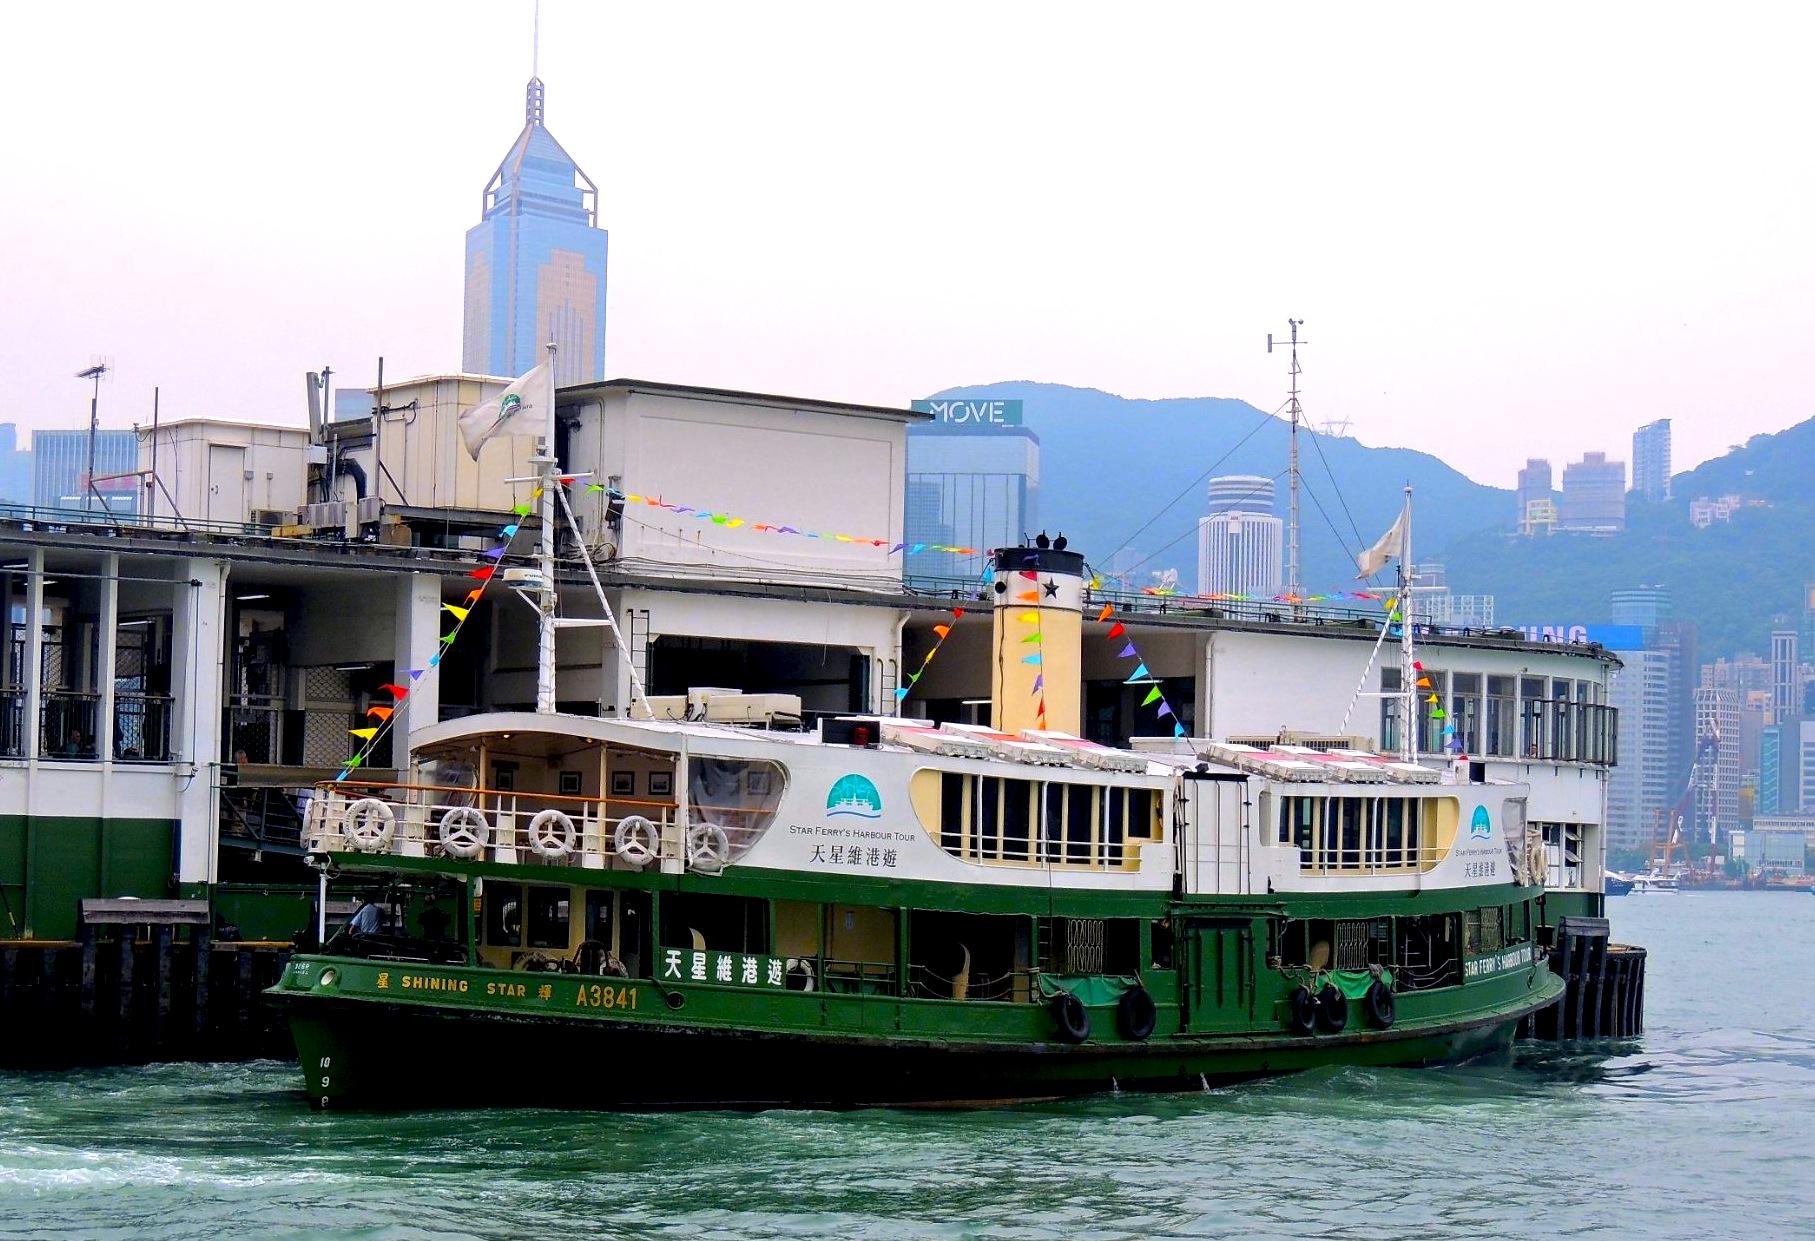 香港-スターフェリー-乗り方-場所-おすすめの席-23